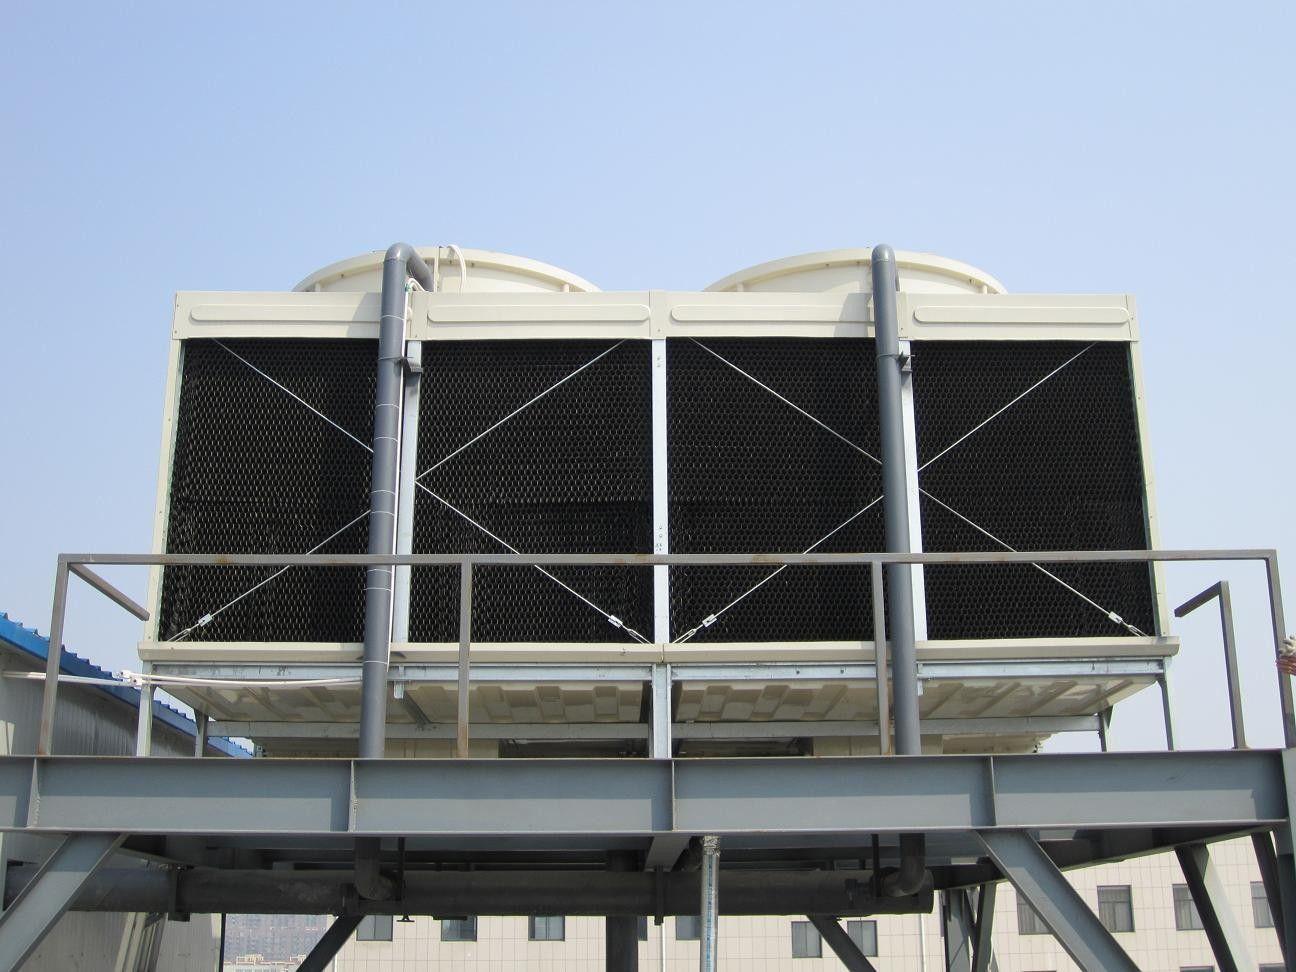 泰興冷卻塔填料系列是什么